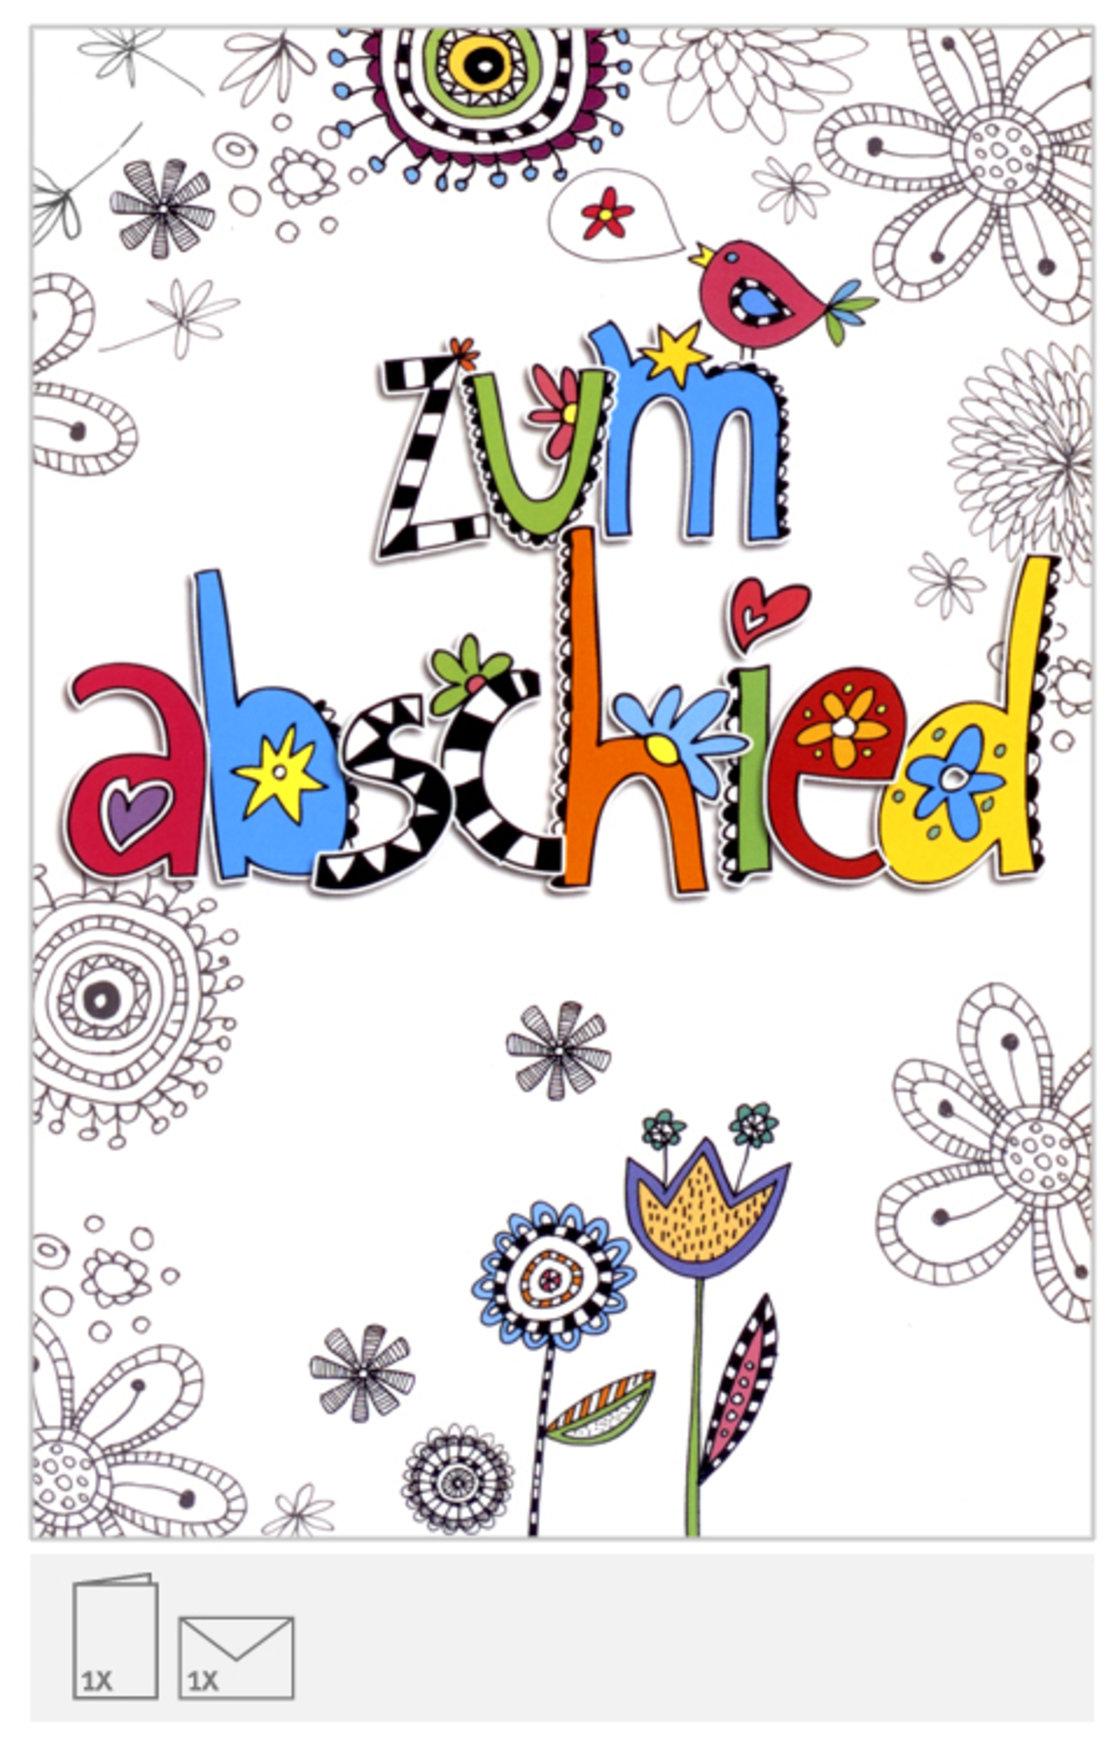 karte zum abschied Karte zum Abschied, originell, mit farbiger S | geschenkparadies.ch